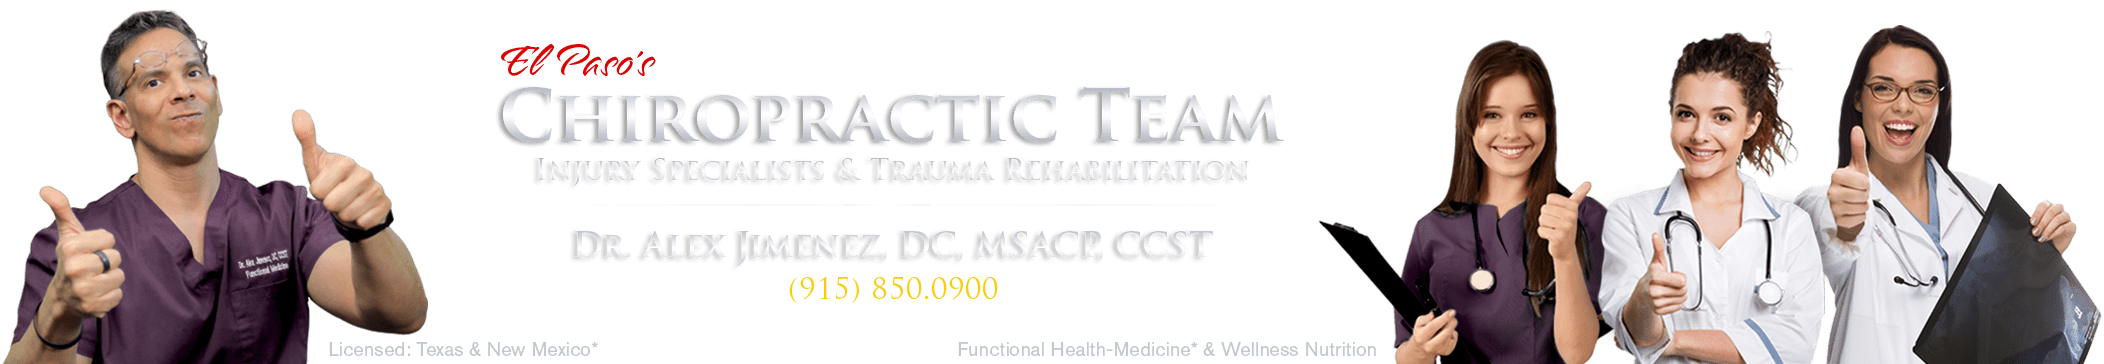 Ĉefa Kiropractika Kliniko de El Paso 915-850-0900